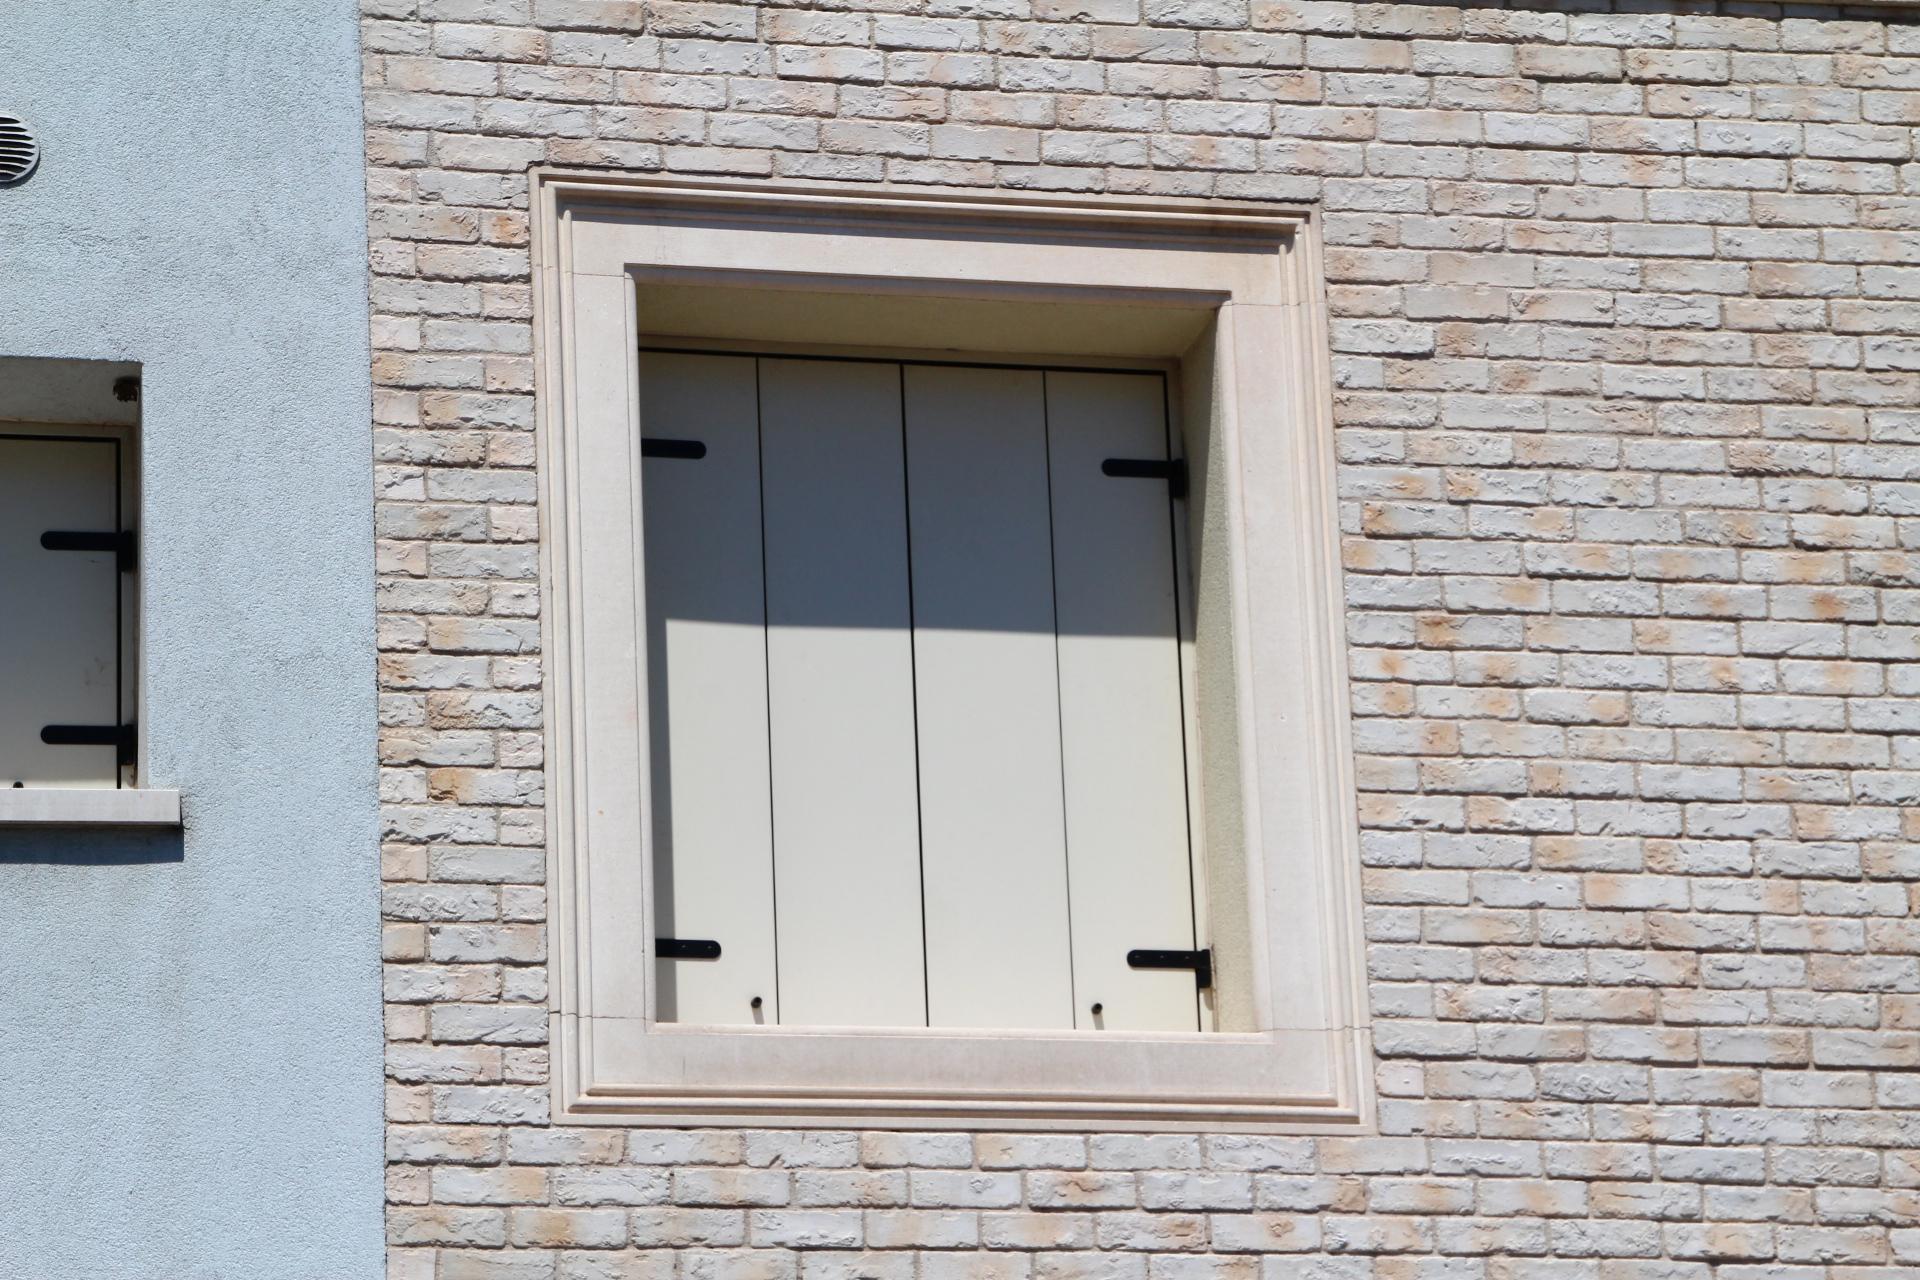 Immagini di finestre e balconi di pietra e marmo zem - Foto di finestre ...